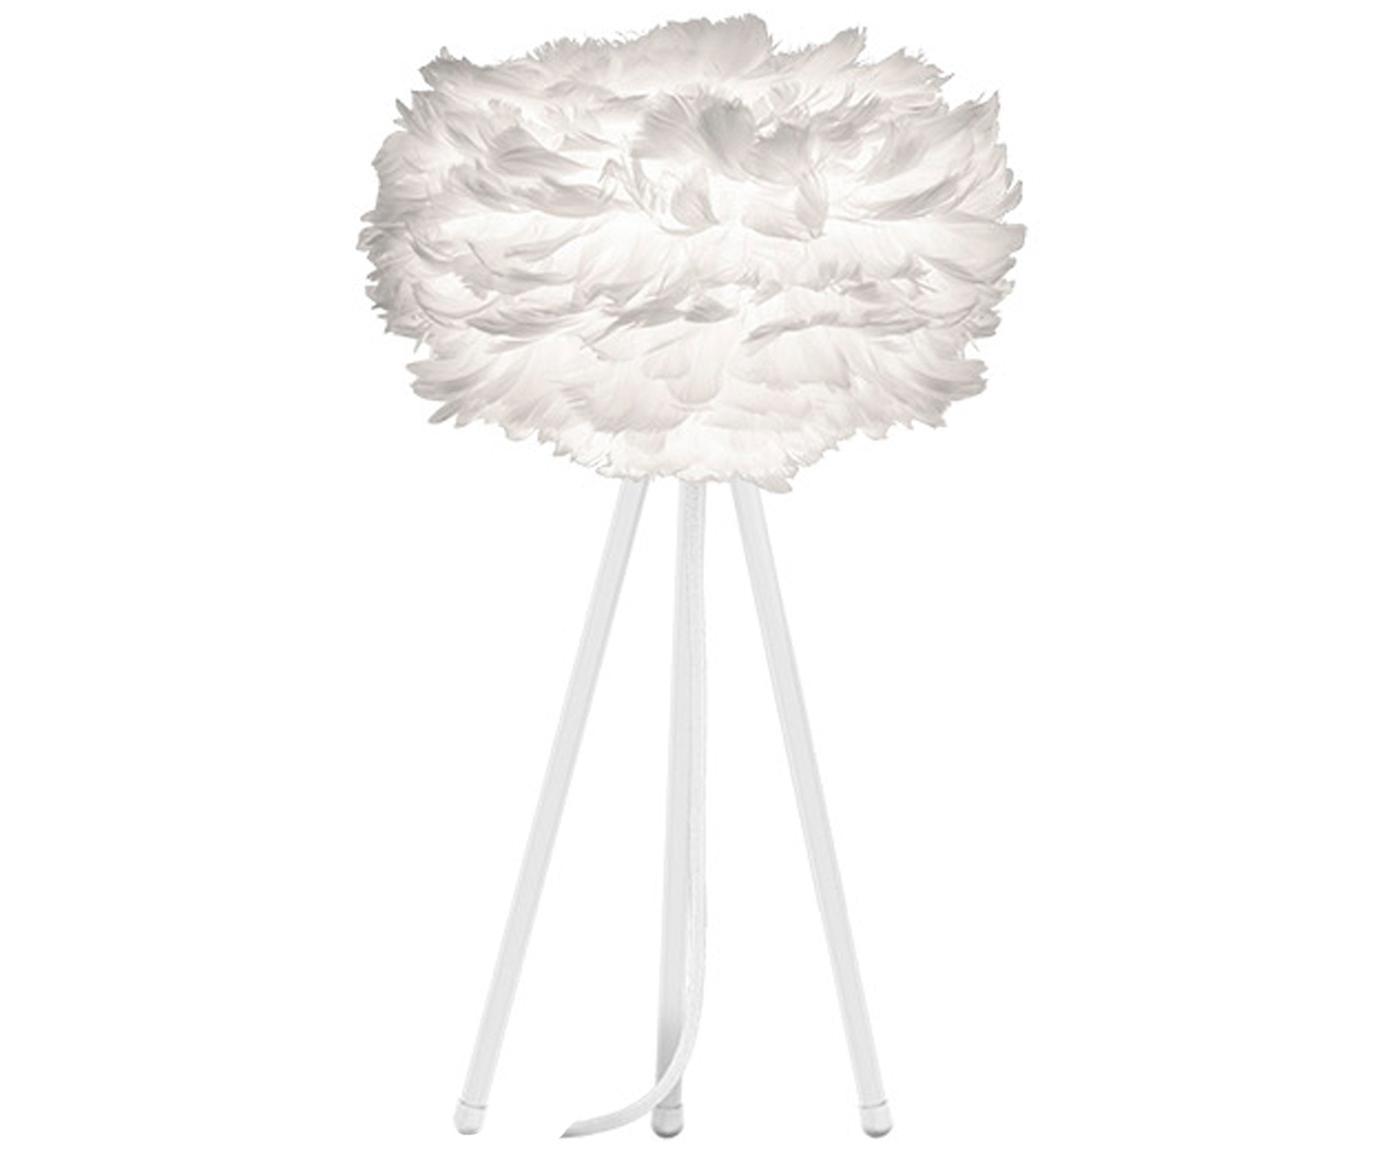 Tischleuchte Eos Mini aus Federn, Lampenschirm: Gänsefedern, Stahl, Lampenfuß: Aluminium, pulverbeschich, Weiß, Ø 35 x H 56 cm